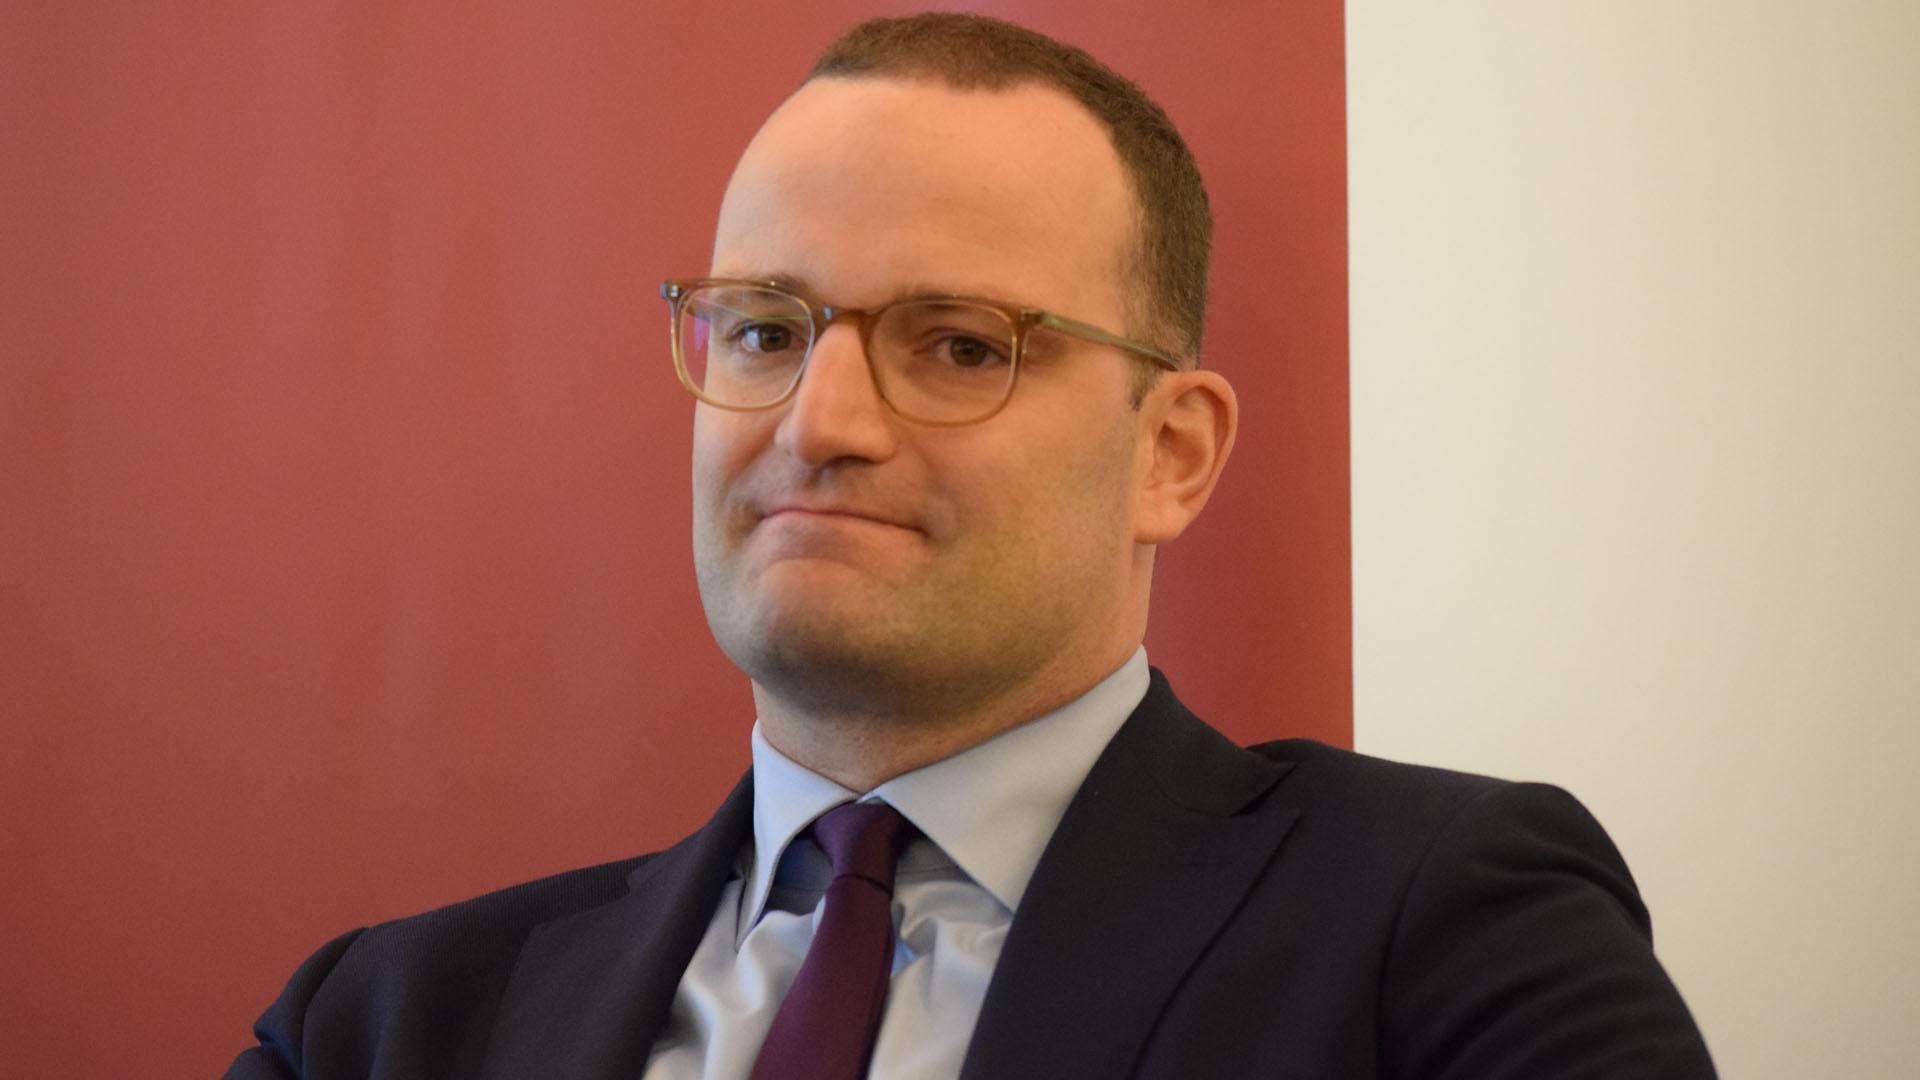 Gesundheitsminister Jens Spahn ist aktuell unter Beschuss. Auslöser ist ein Zitat von ihm, das aus dem Zusammenhang gerissen wurde.